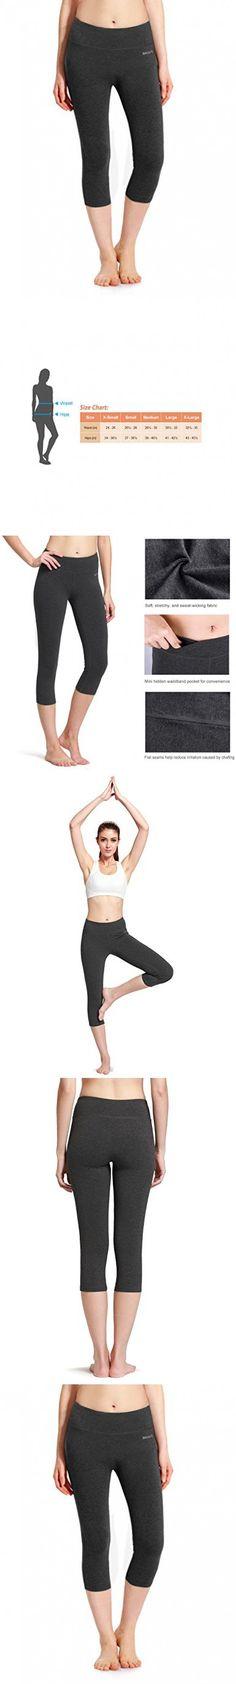 Baleaf Women's Yoga Capri Legging Inner Pocket Non See-through Charcoal Gray Size M